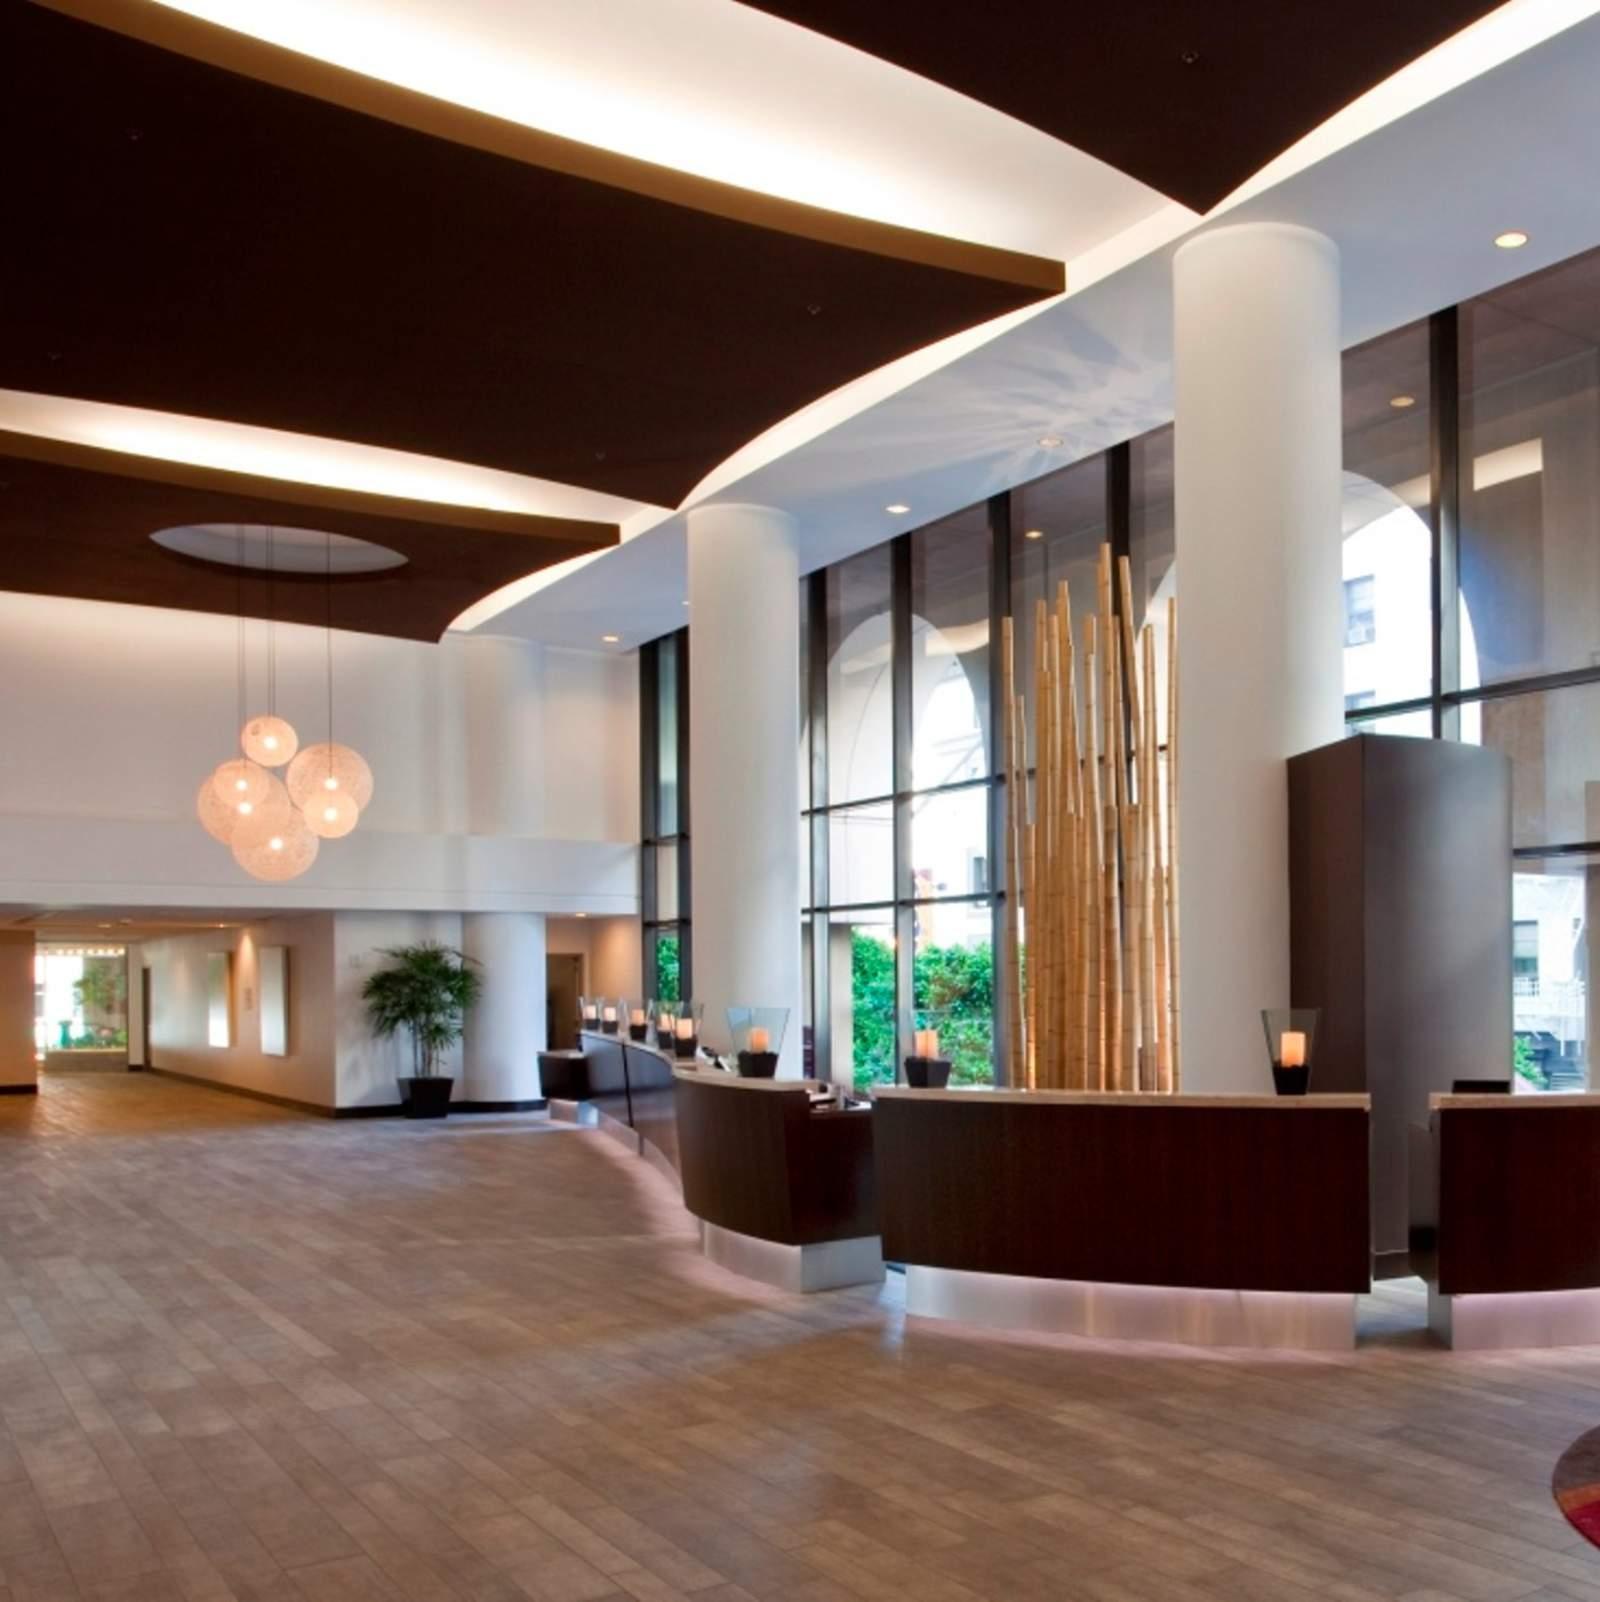 hotel kalifornien hilton parc 55 canusa. Black Bedroom Furniture Sets. Home Design Ideas